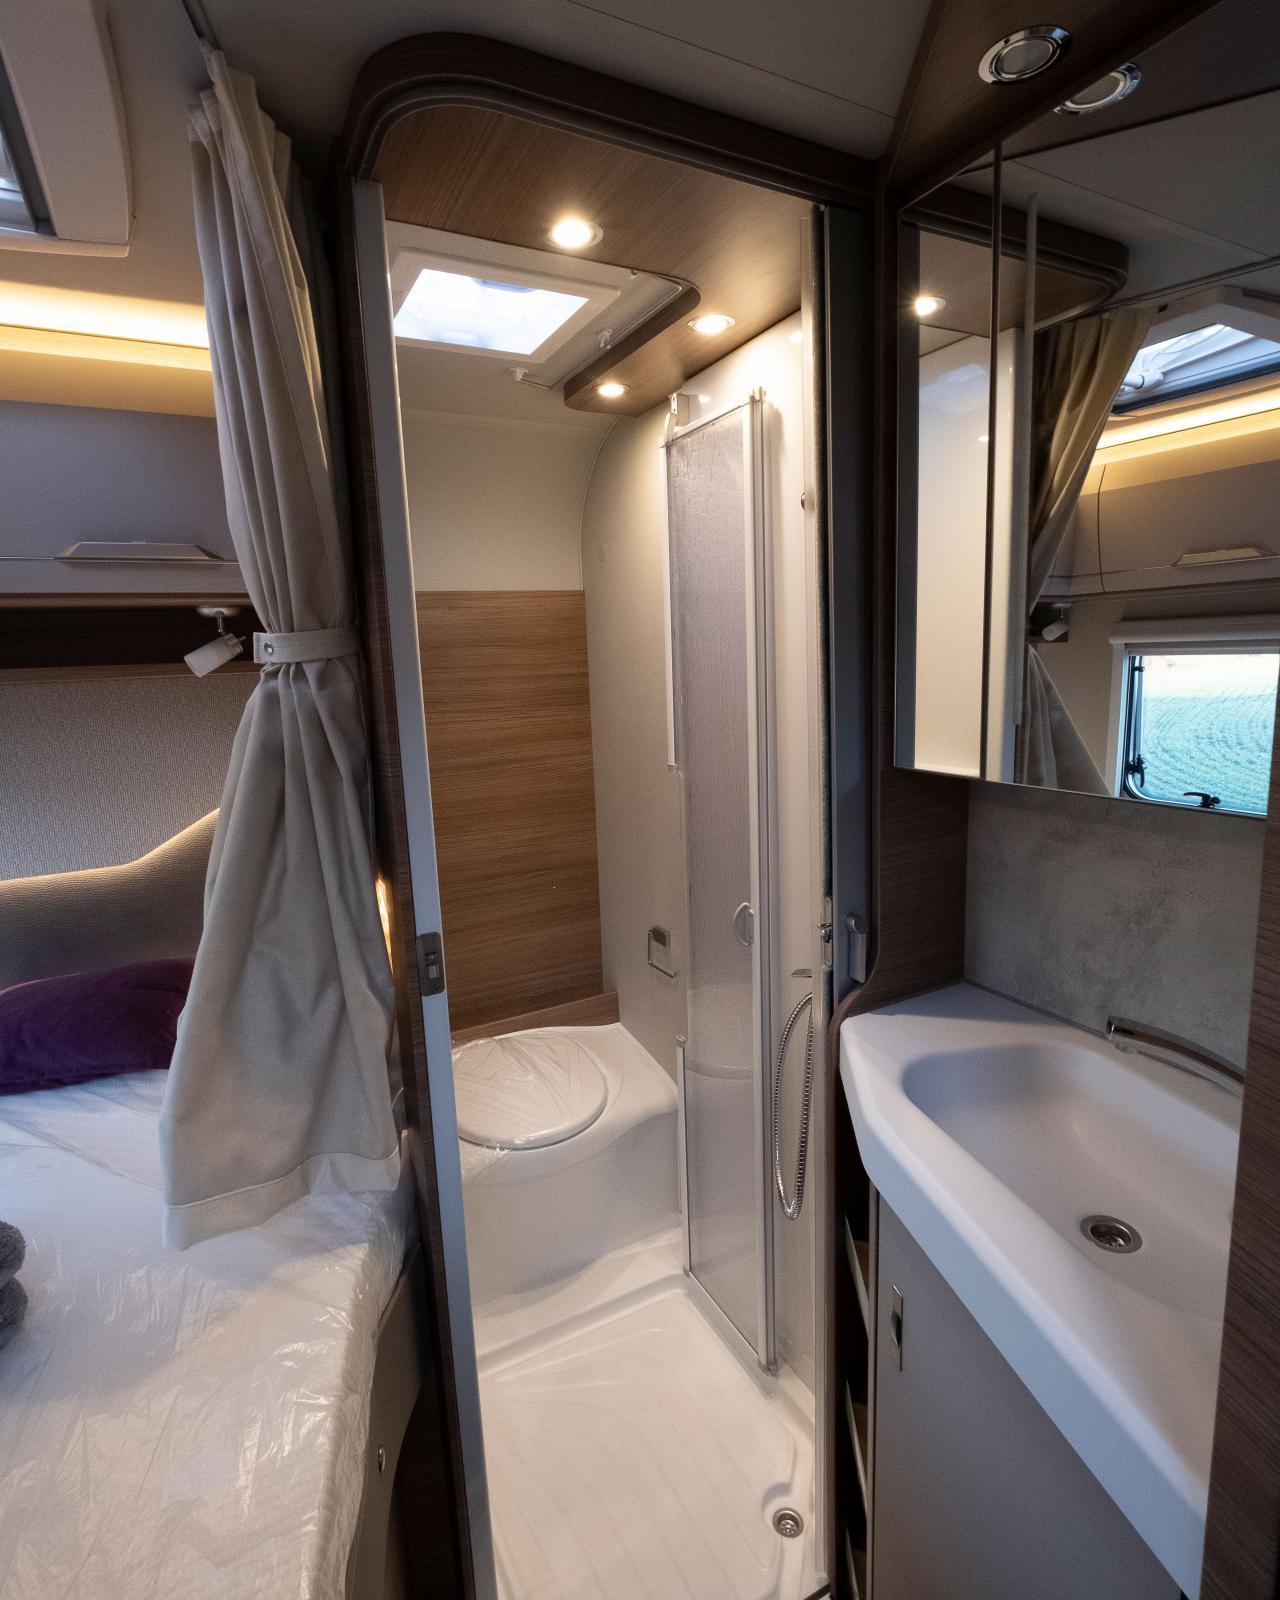 Bänktoa mot bakväggen gör att man får sitta med fötterna i duschkaret. Handfatet placerat utanför ger vissa fördelar.